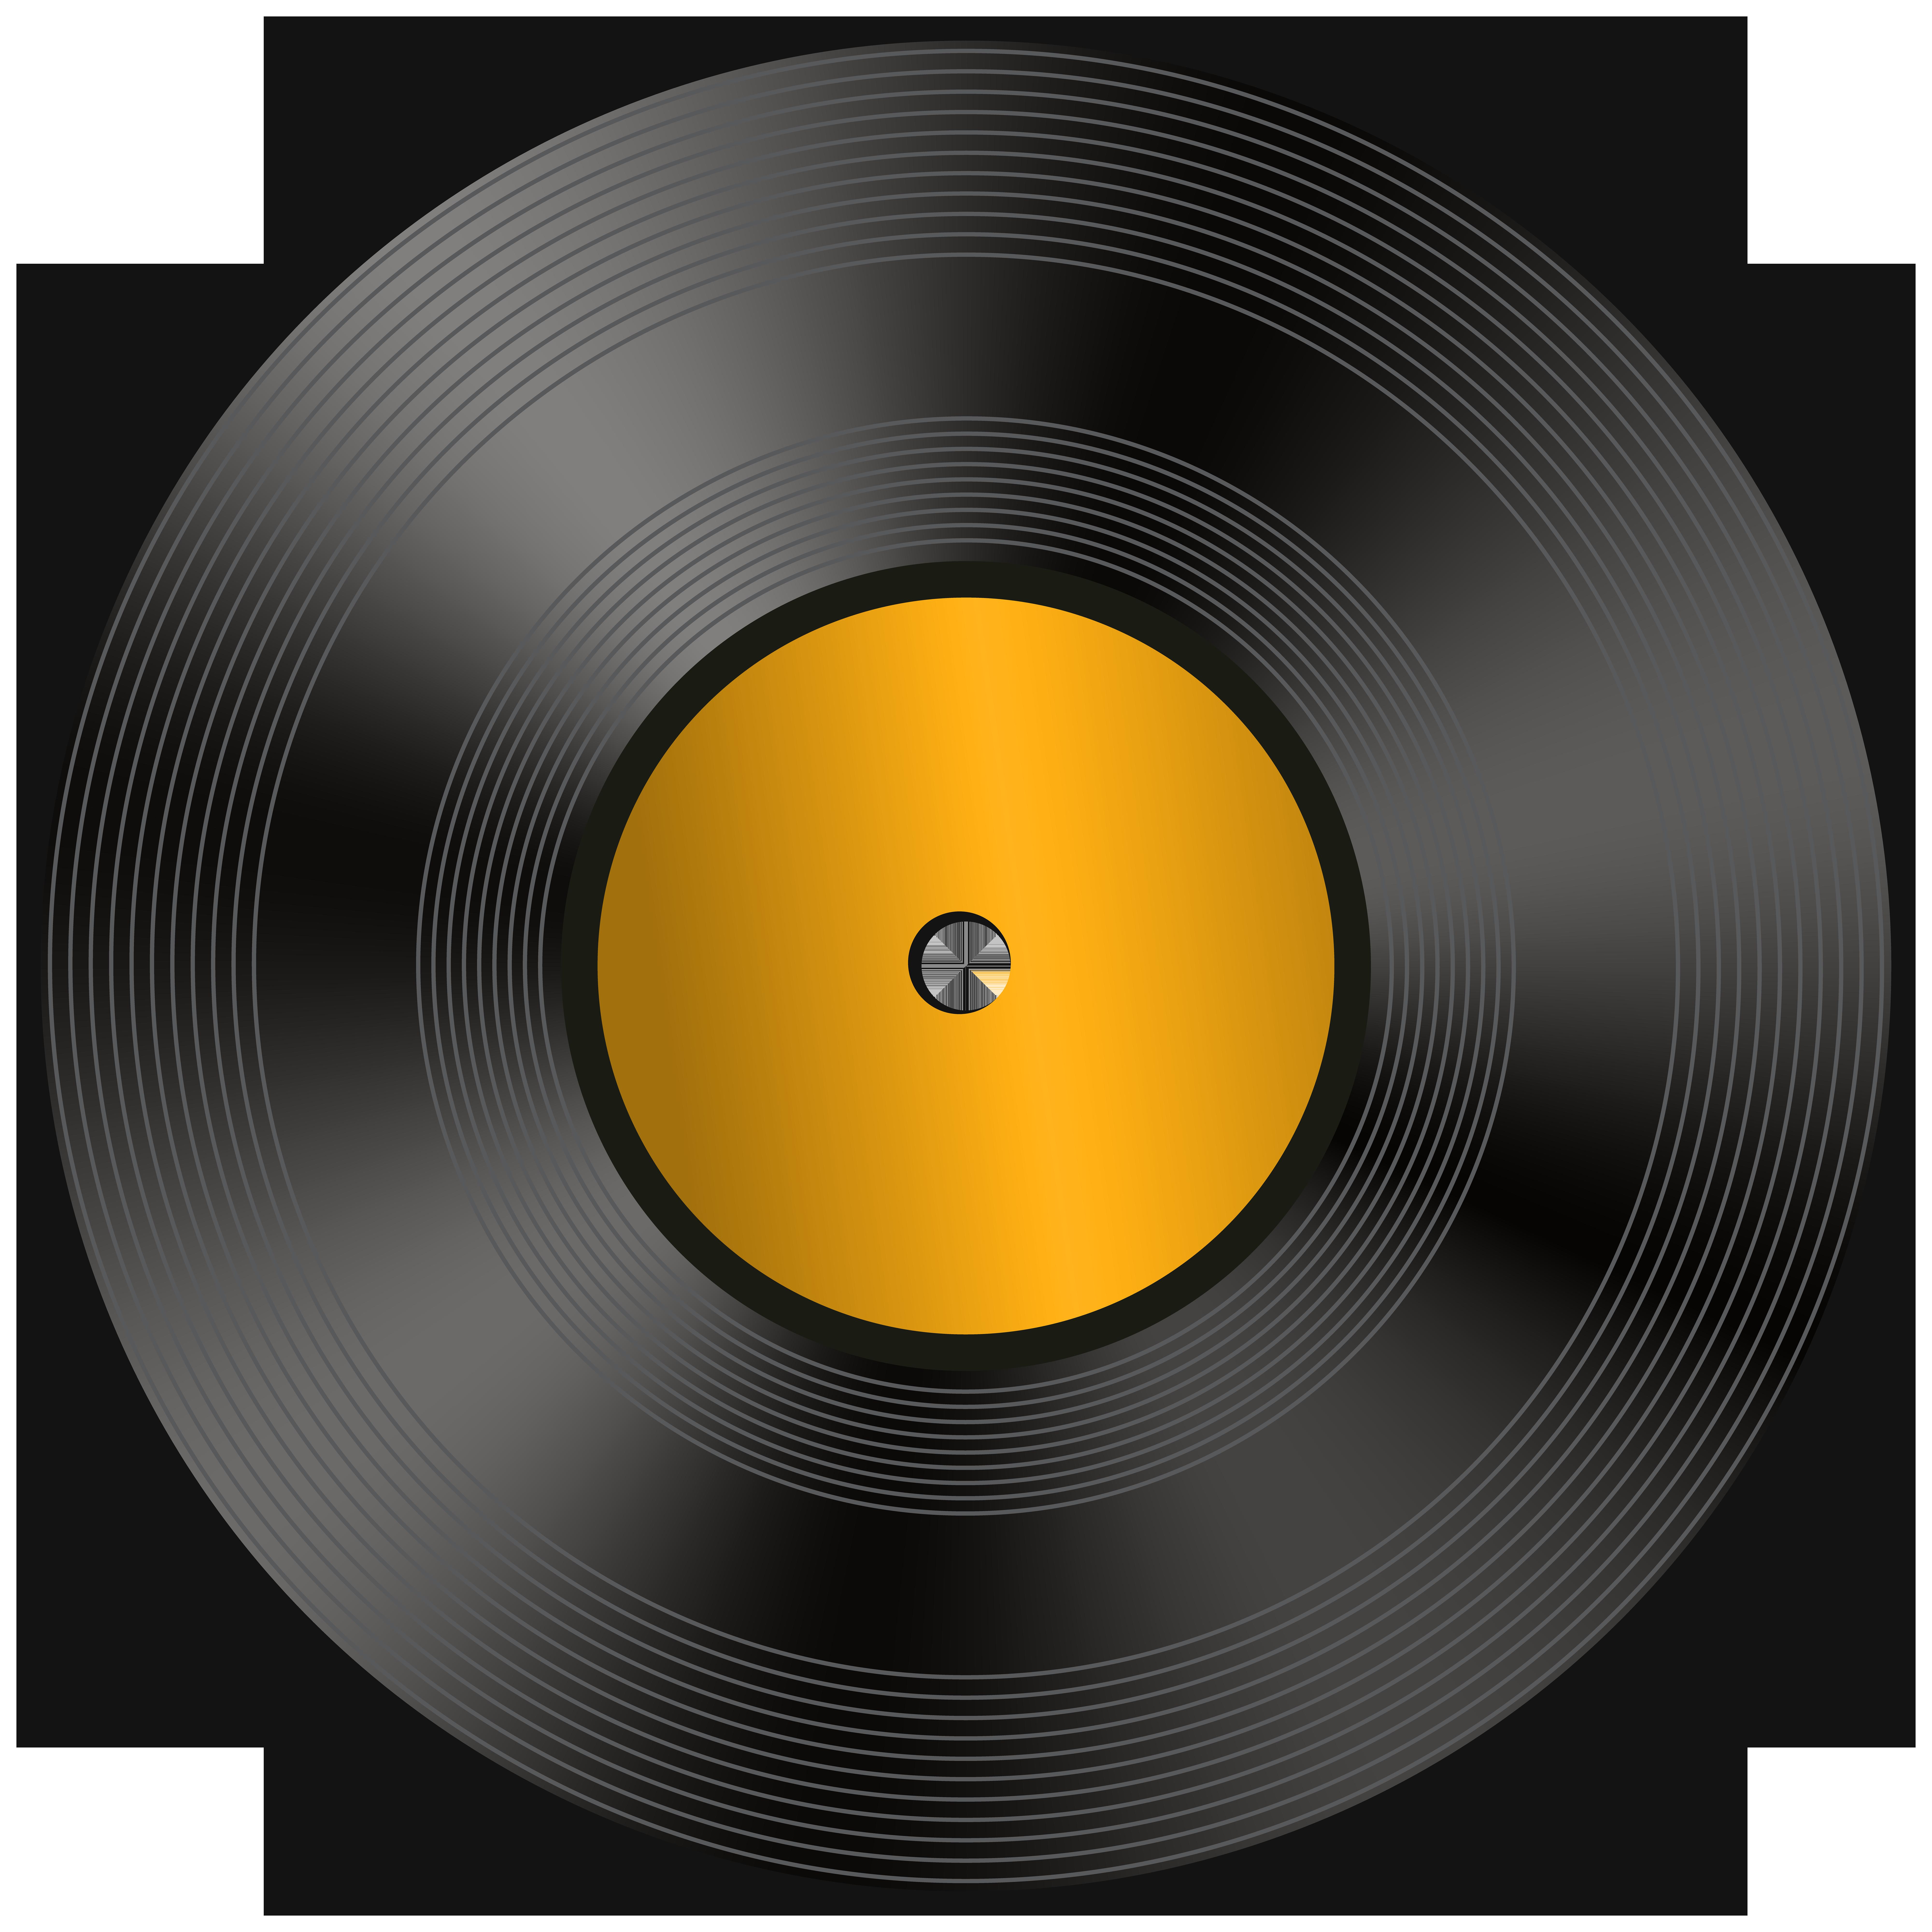 Vinyl Record PNG Clip Art Image.